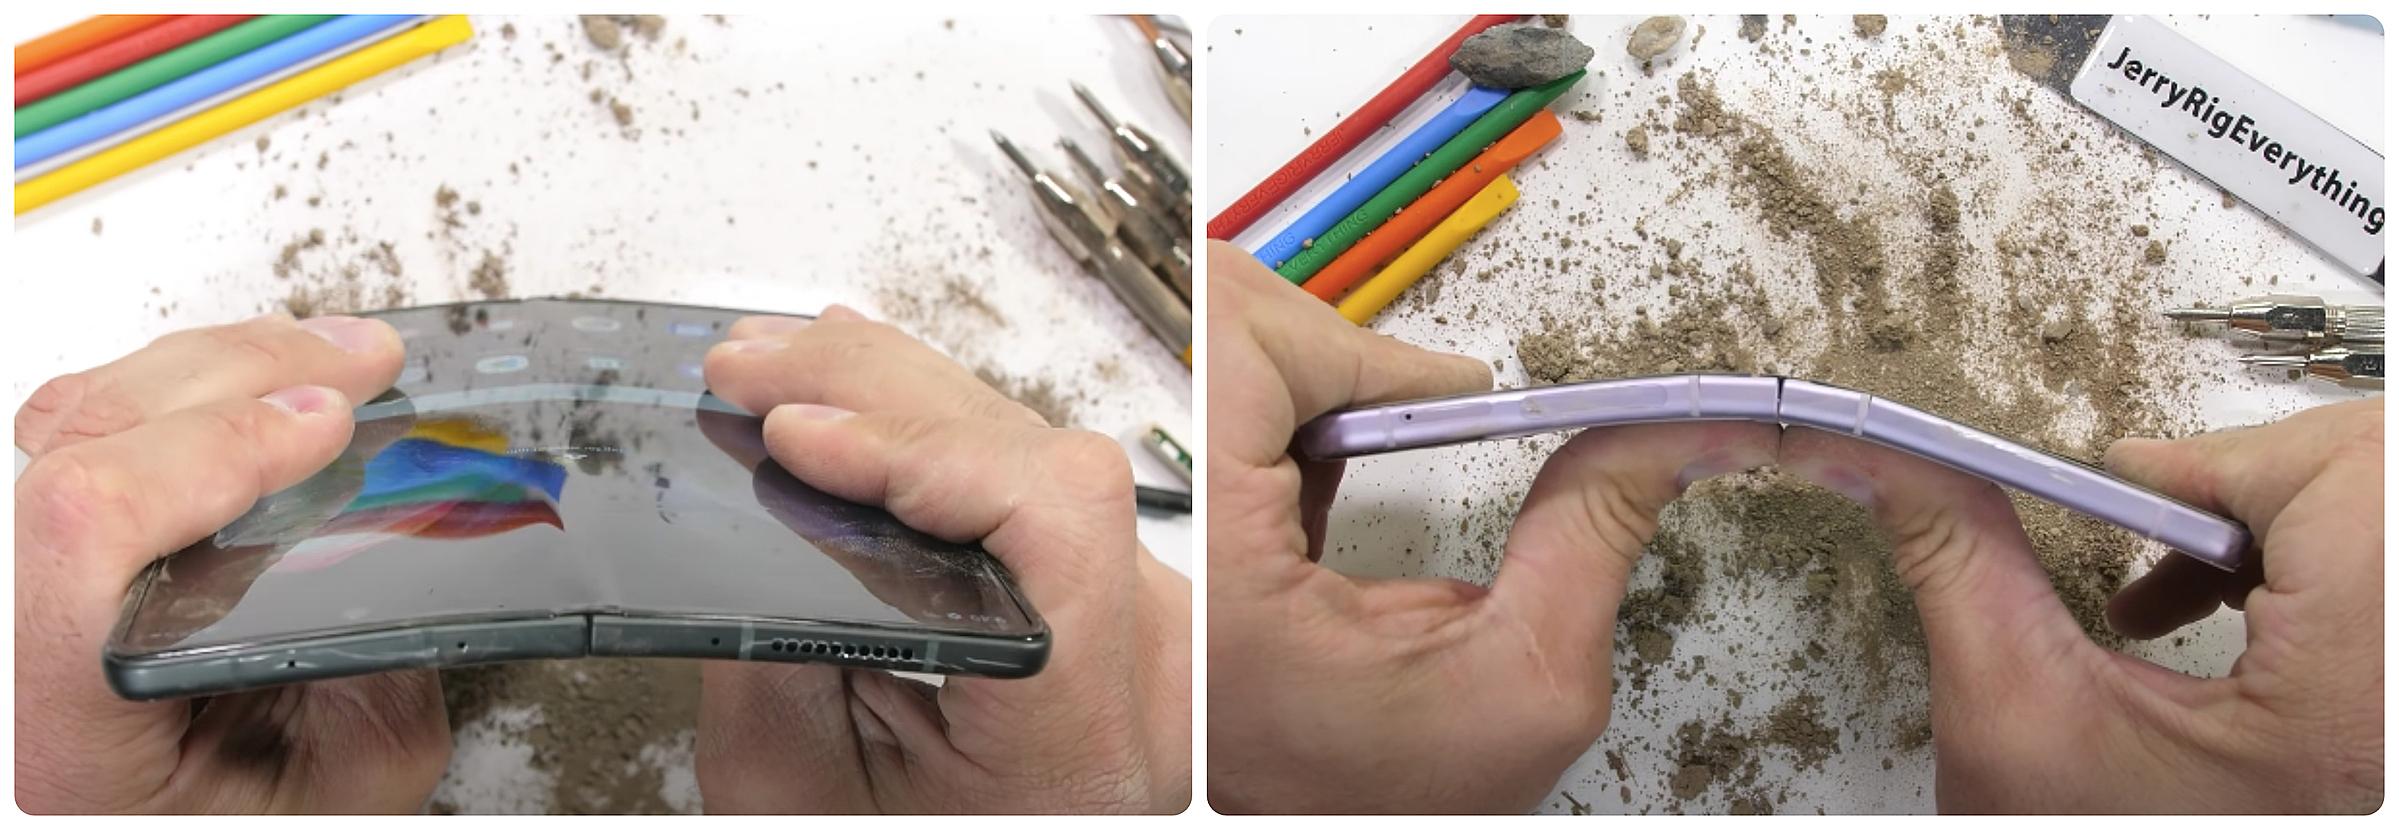 Hai mẫu điện thoại vẫn hoạt động tốt sau khi phủ bụi, bẻ cong 2-3 lần.